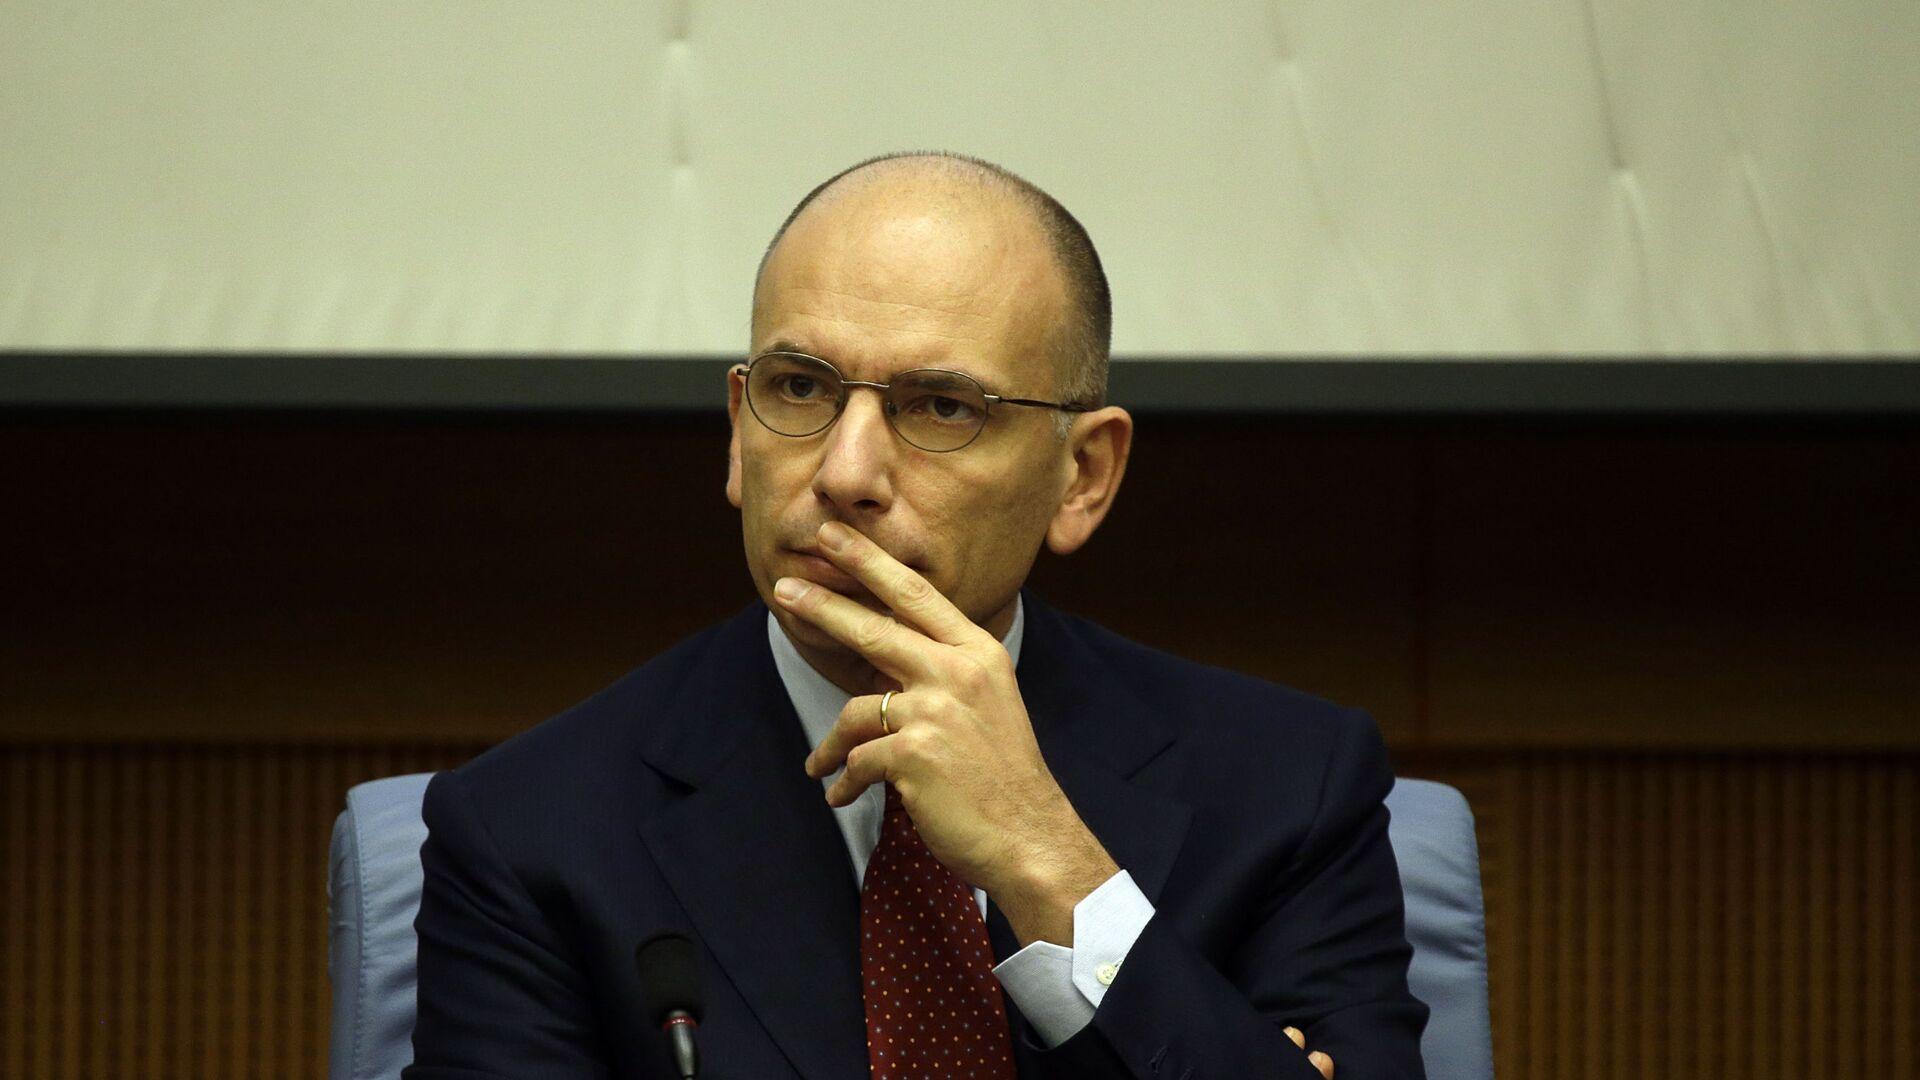 Enrico Letta, segretario del Partito Democratico - Sputnik Italia, 1920, 20.05.2021